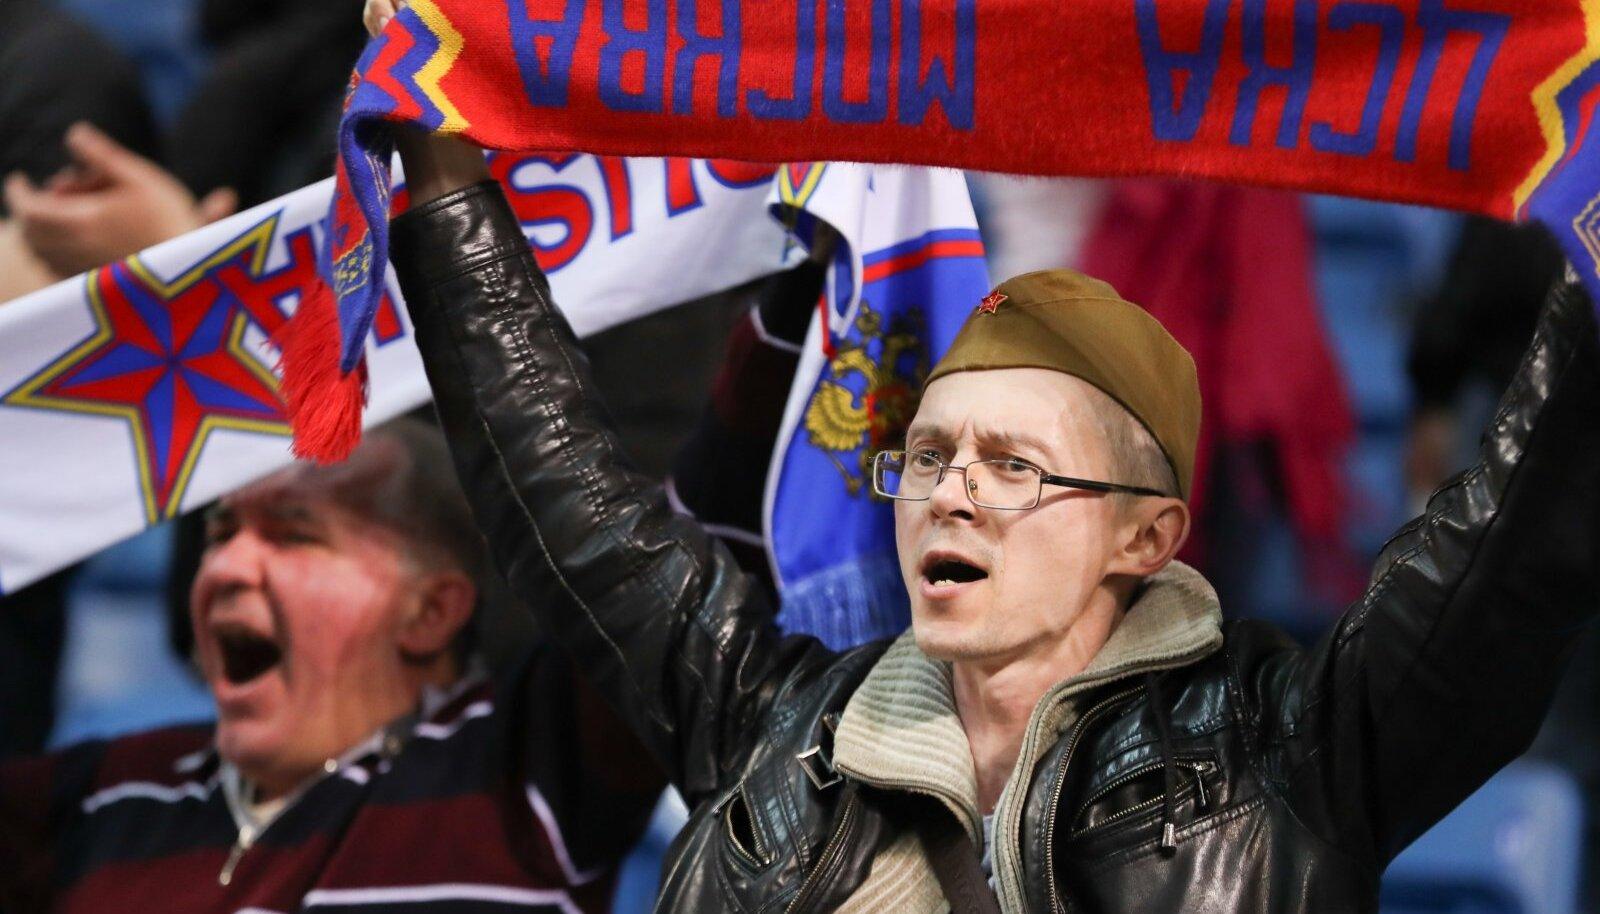 Moskva CSKA fännid